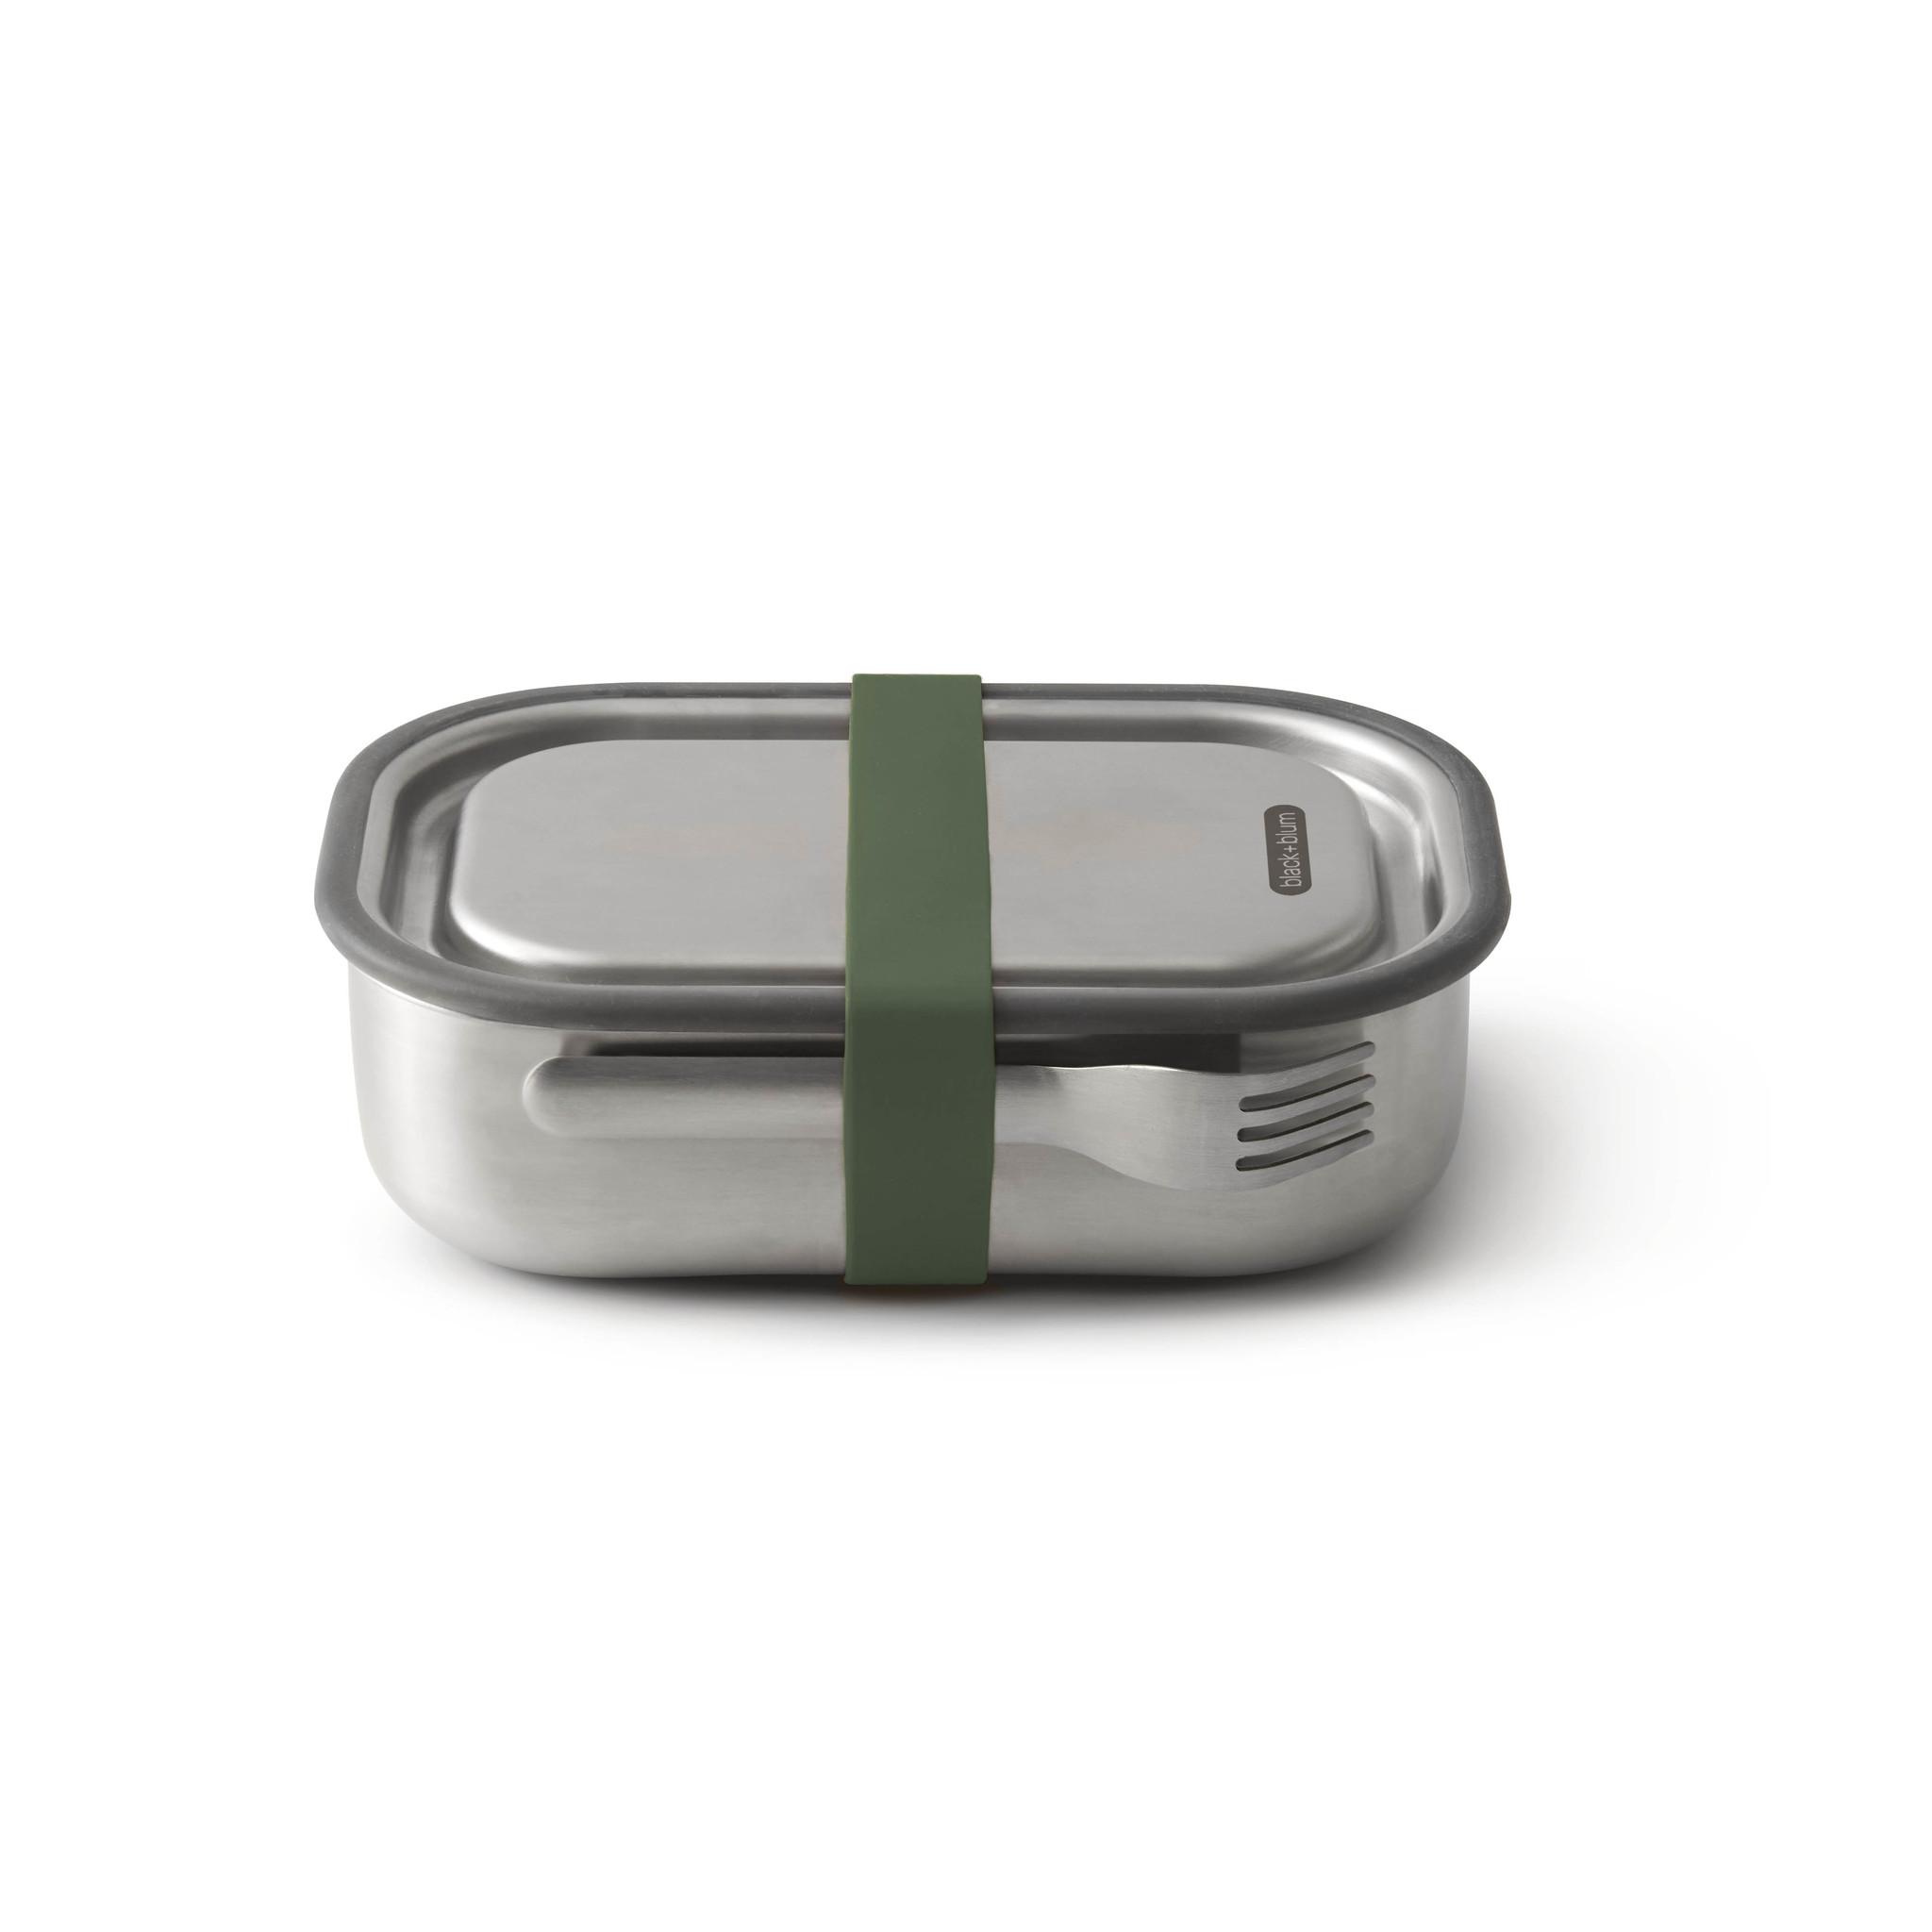 Olive, gross, transportfähig durch Vakuum-Verschlu